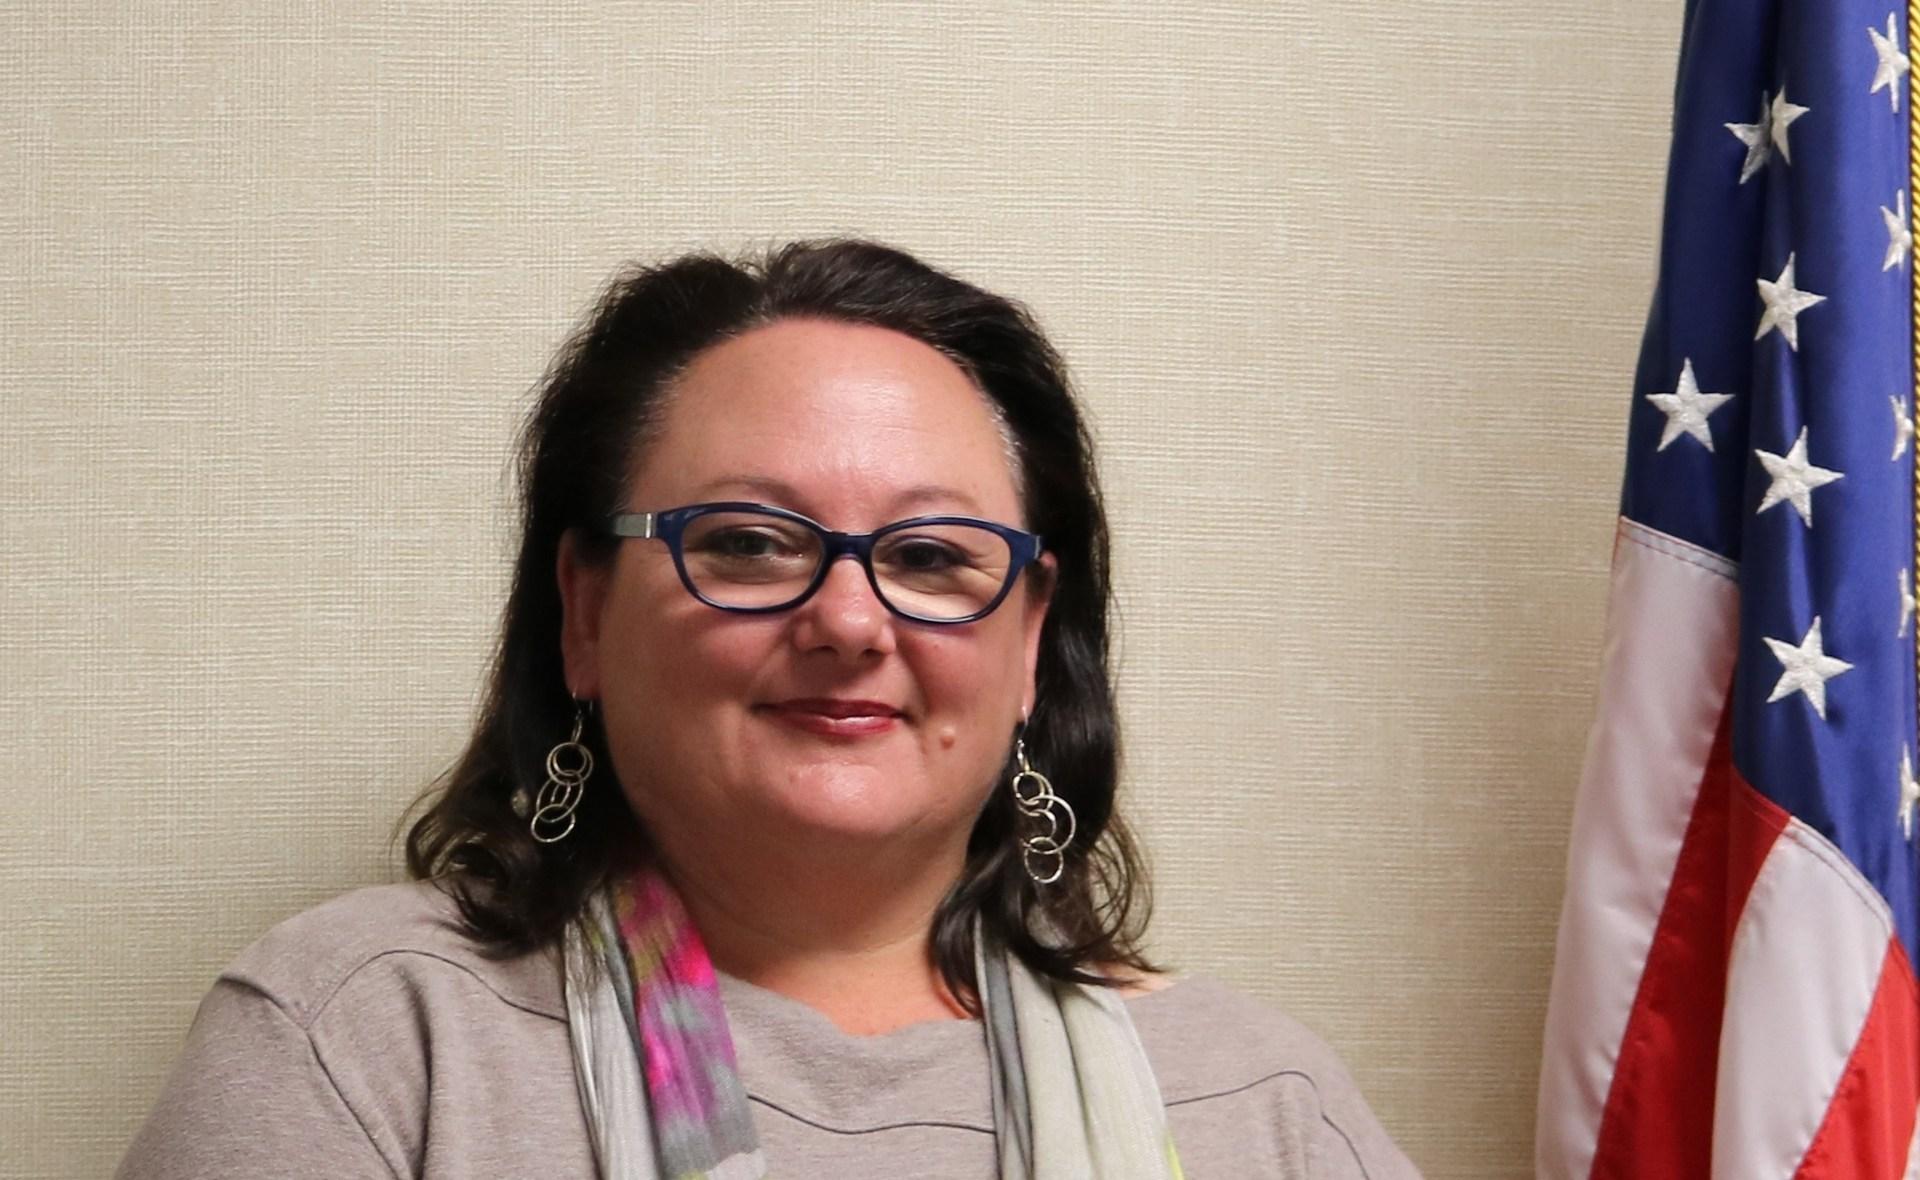 Leslie Girard